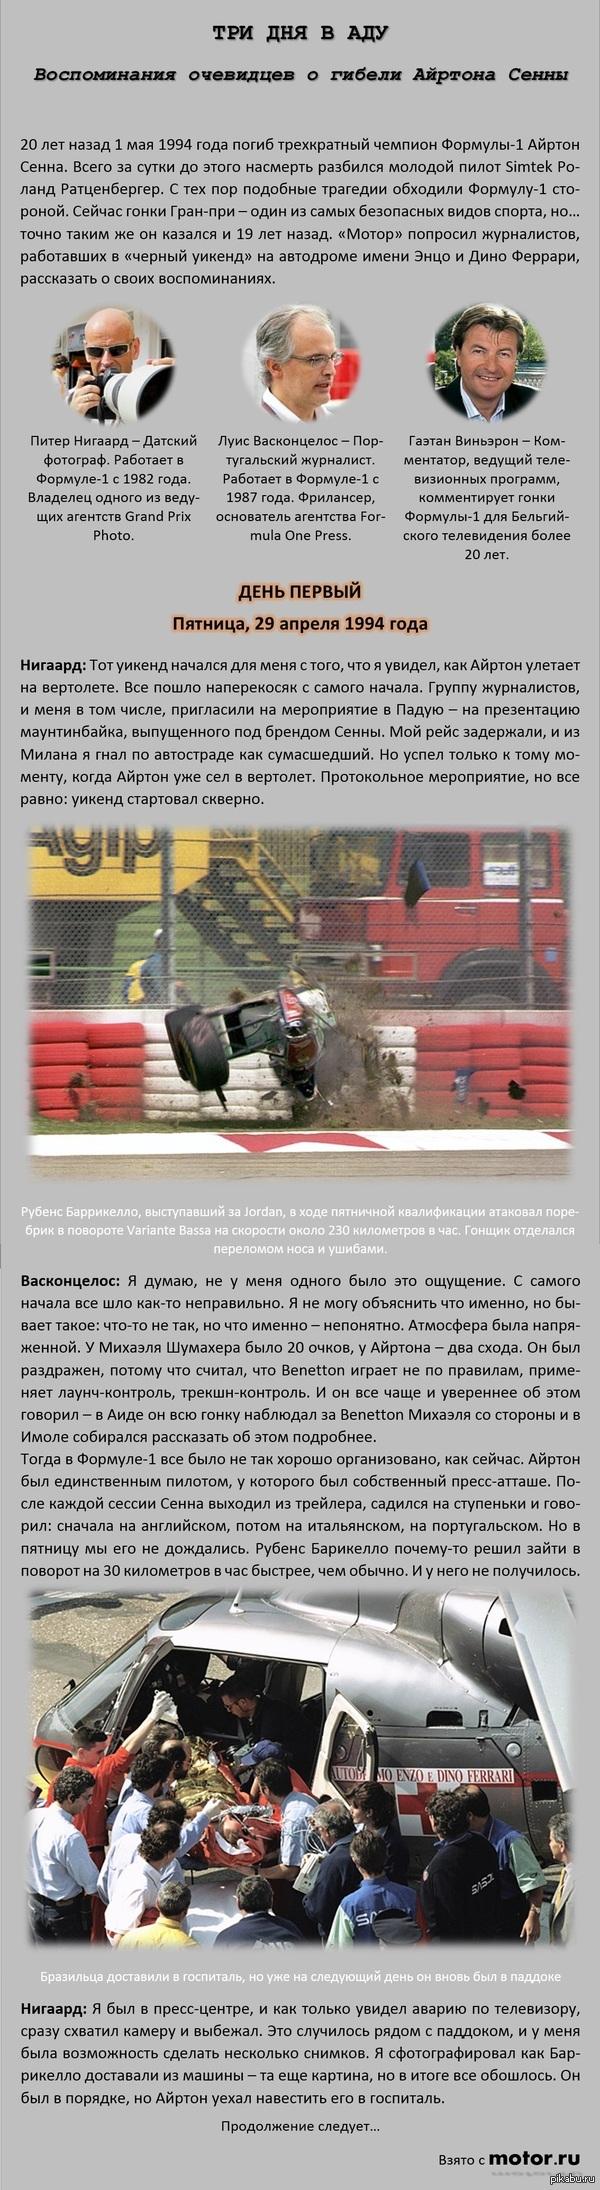 ТРИ ДНЯ В АДУ  Воспоминания очевидцев о гибели Айртона Сенны  День первый 20 лет назад 1 мая 1994 года погиб трехкратный чемпион Формулы-1 Айртон Сенна.    Для моего первого подписчика.